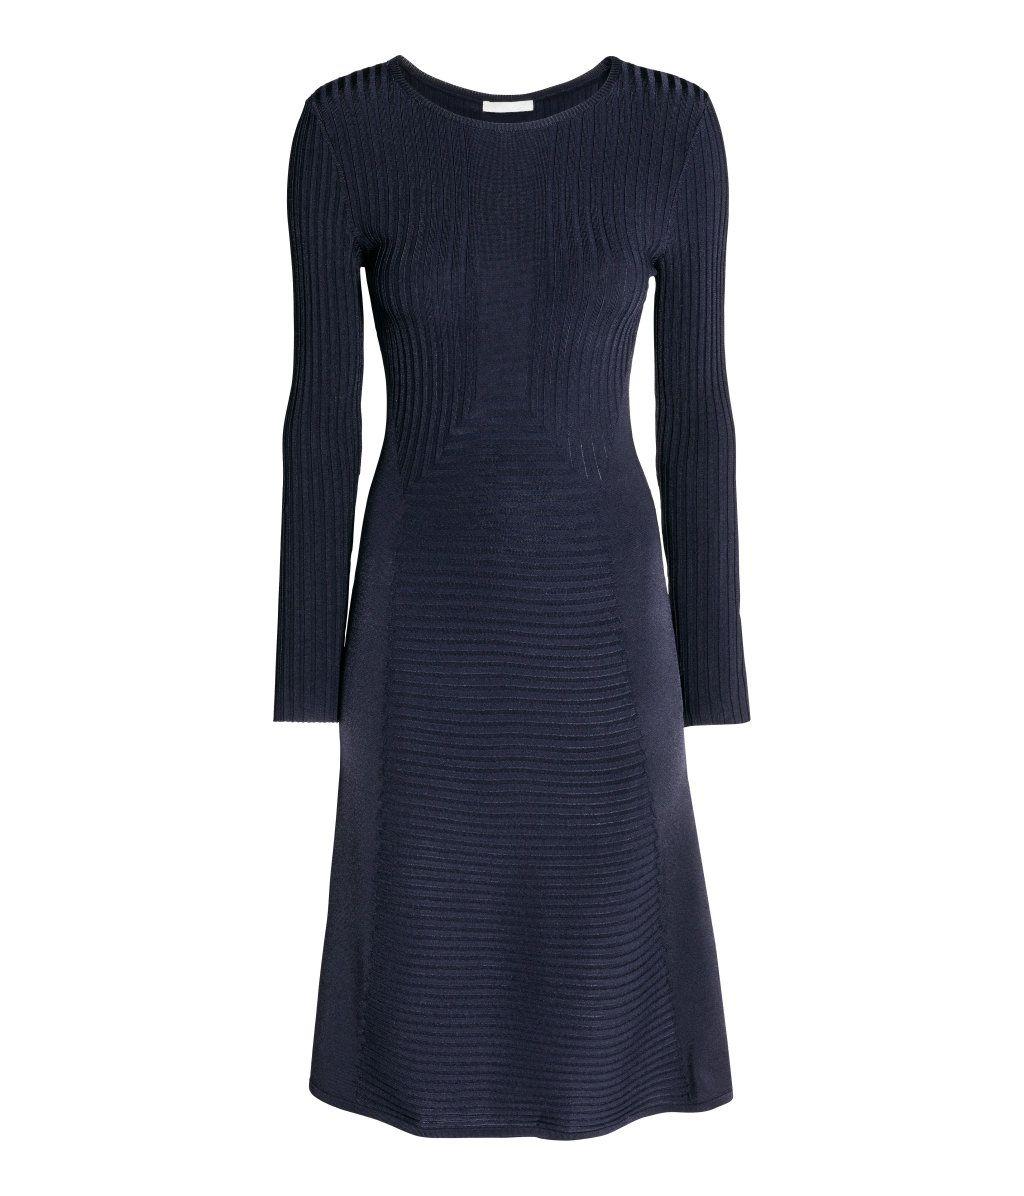 klänning med lång ärm